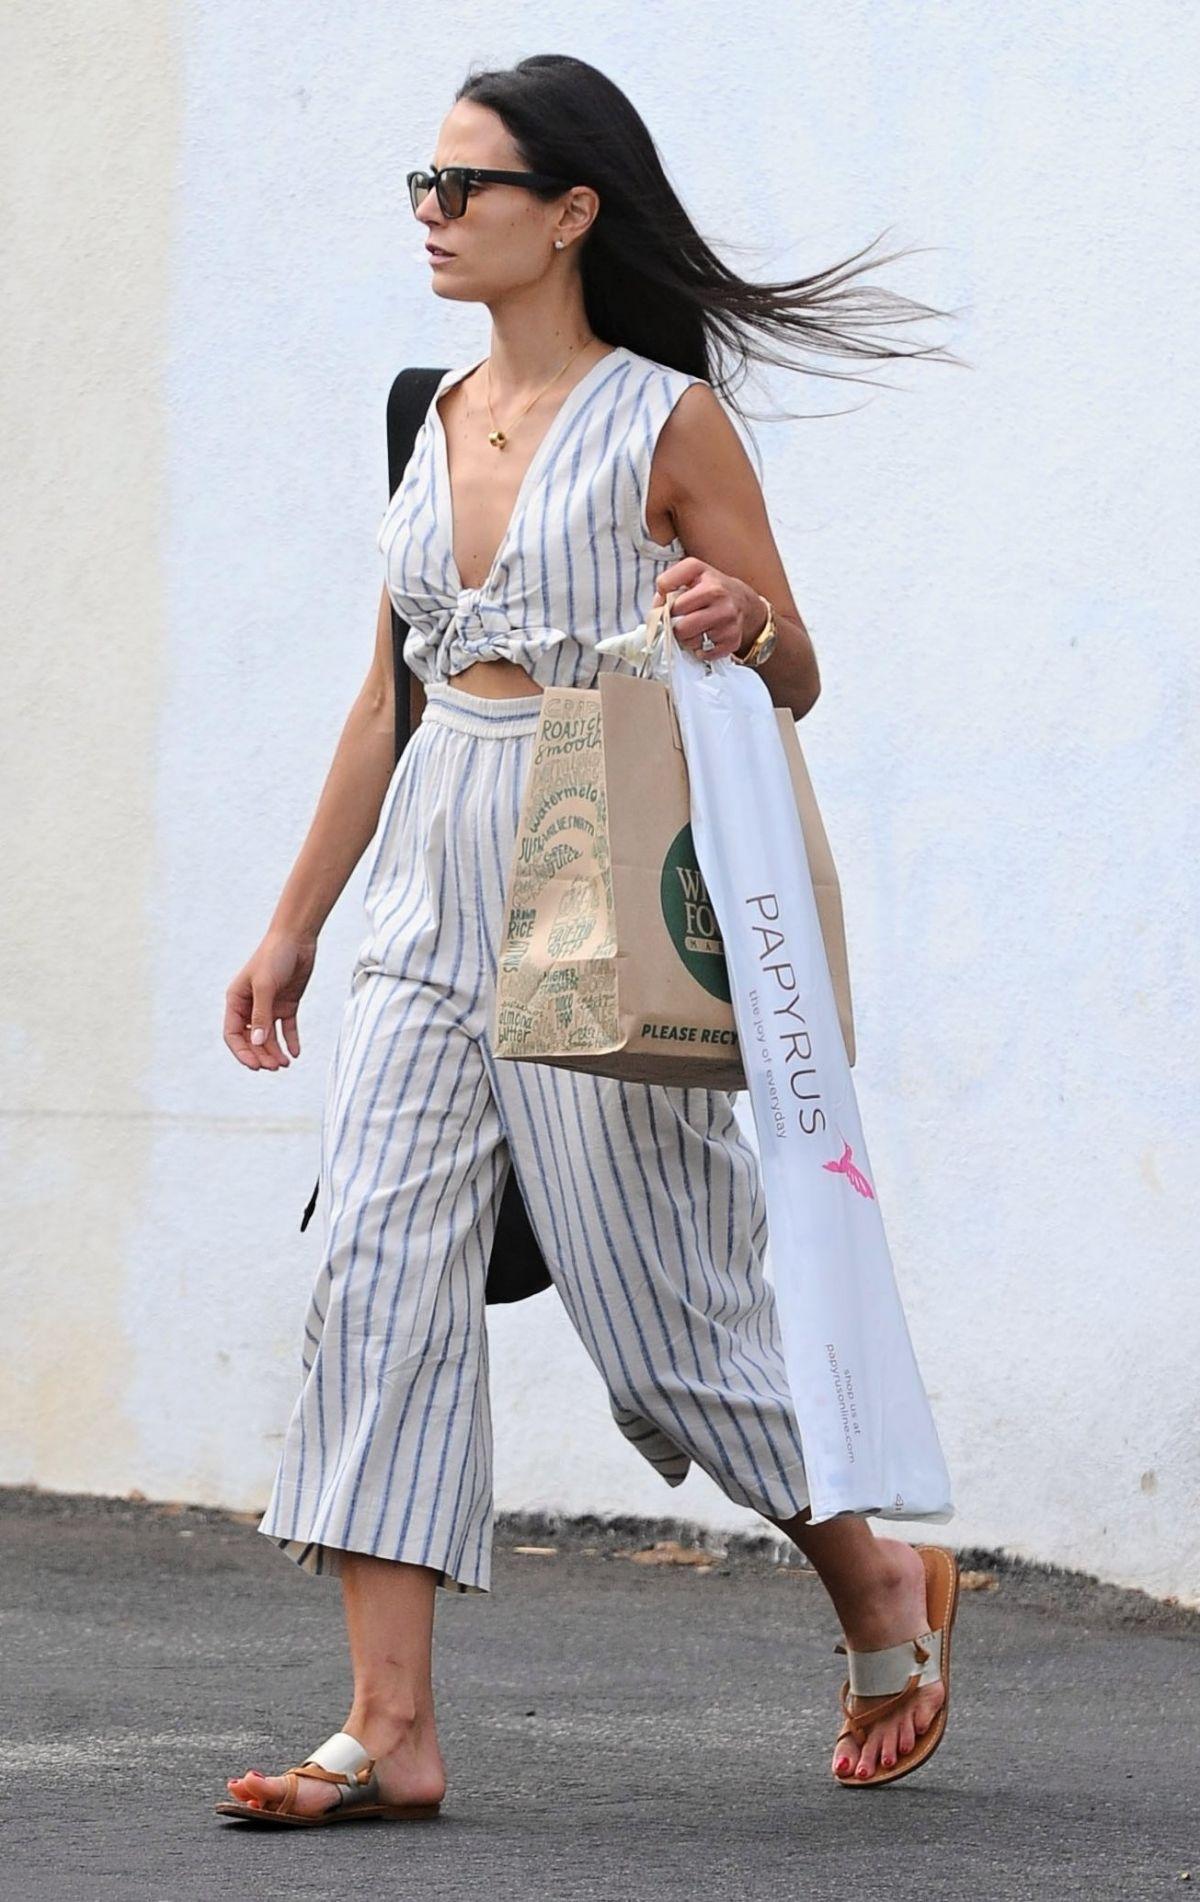 JORDANA BRESWSTER Out Shopping in Santa Monica 06/05/2016